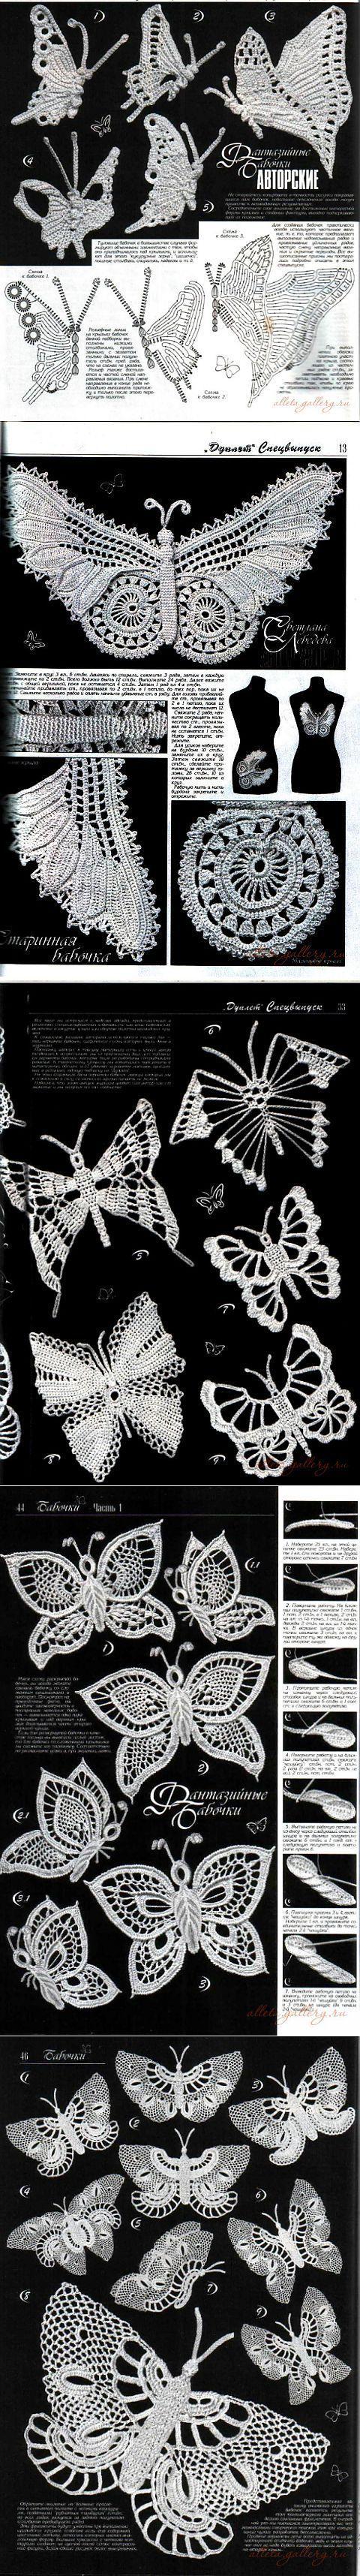 Коллекция вязаных бабочек. Часть 1.. | Ирландское кружево. | Постила: